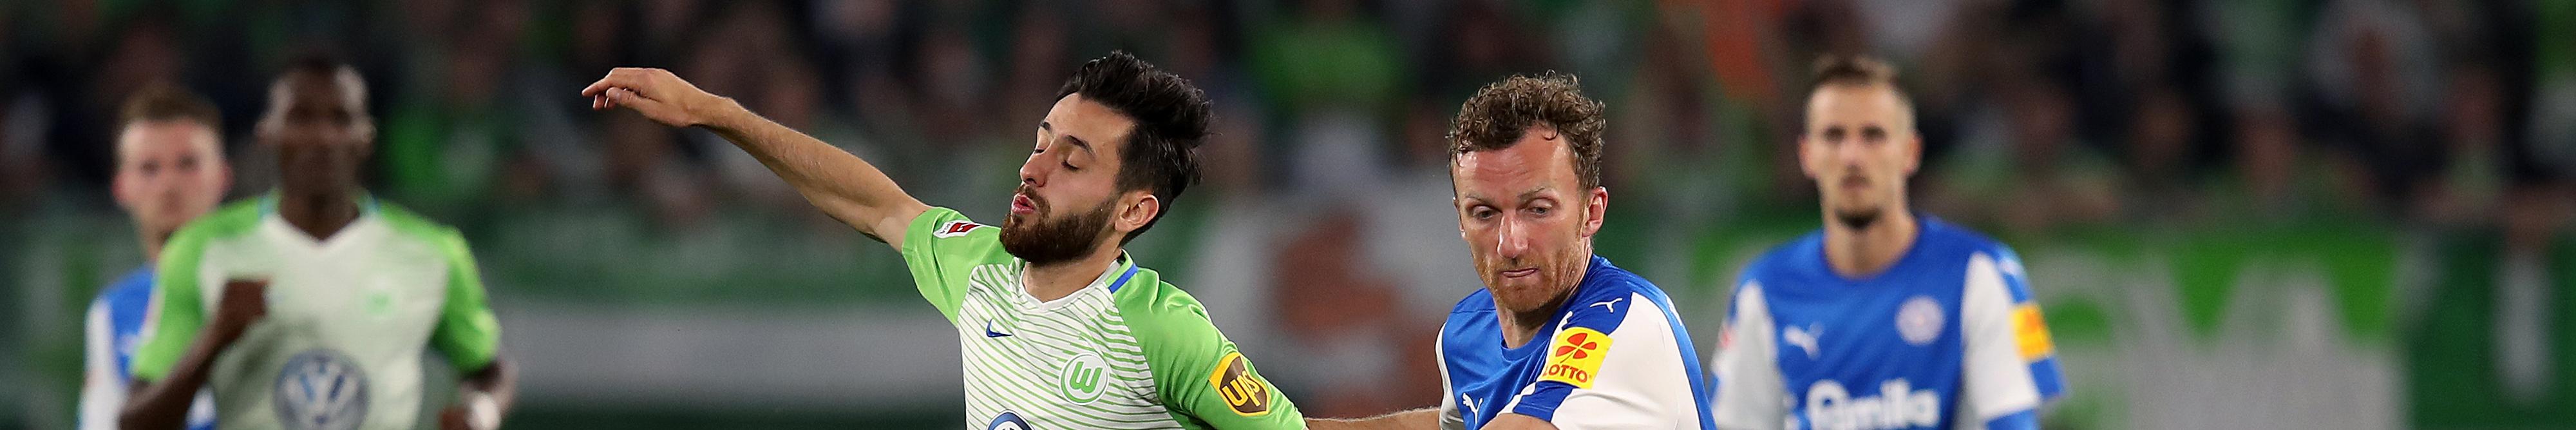 Holstein Kiel - VfL Wolfsburg: Störche wollen frech bleiben